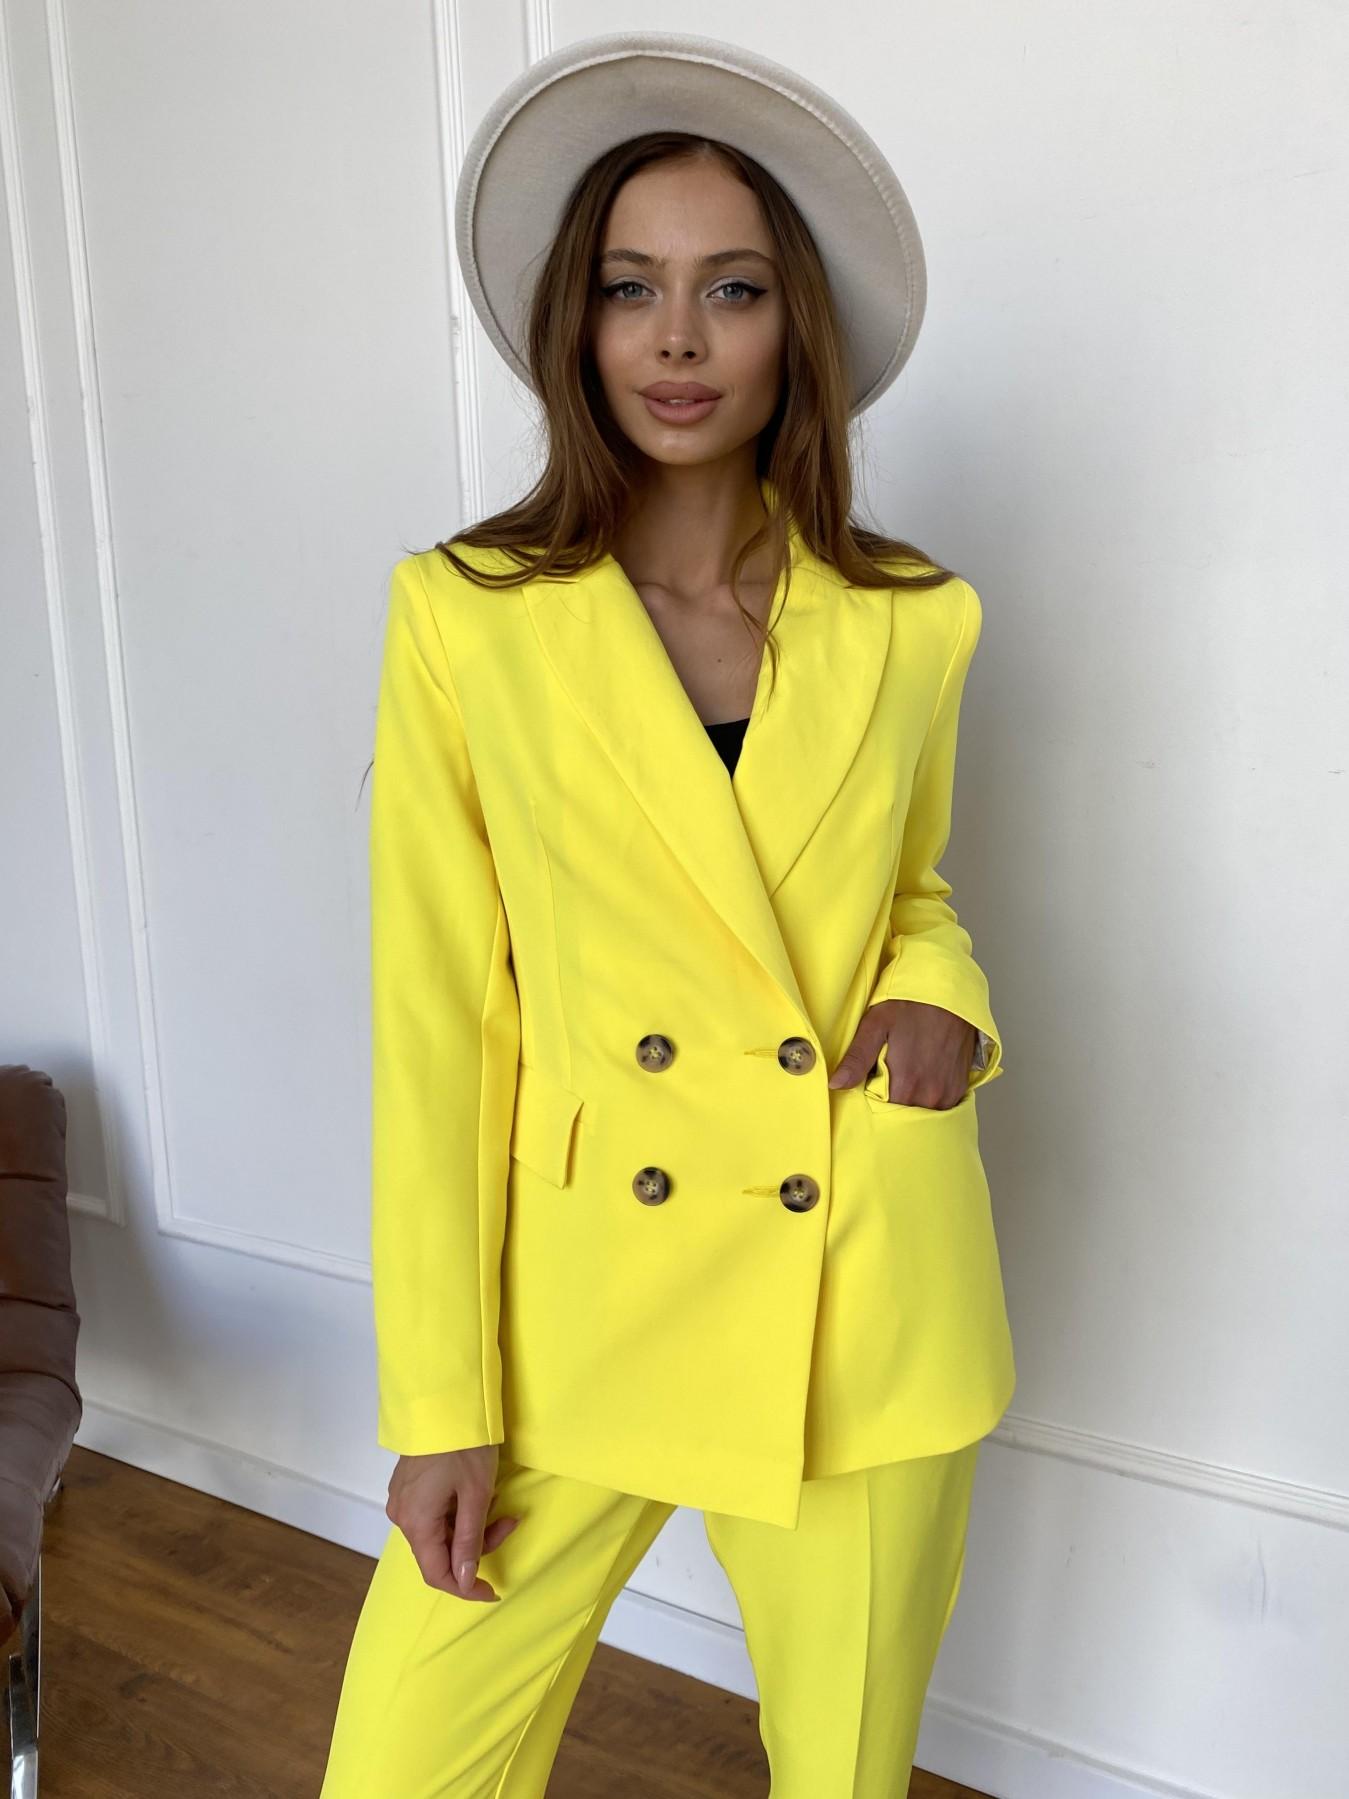 Франко костюм из костюмной ткани 11090 АРТ. 47907 Цвет: Желтый 10 - фото 11, интернет магазин tm-modus.ru